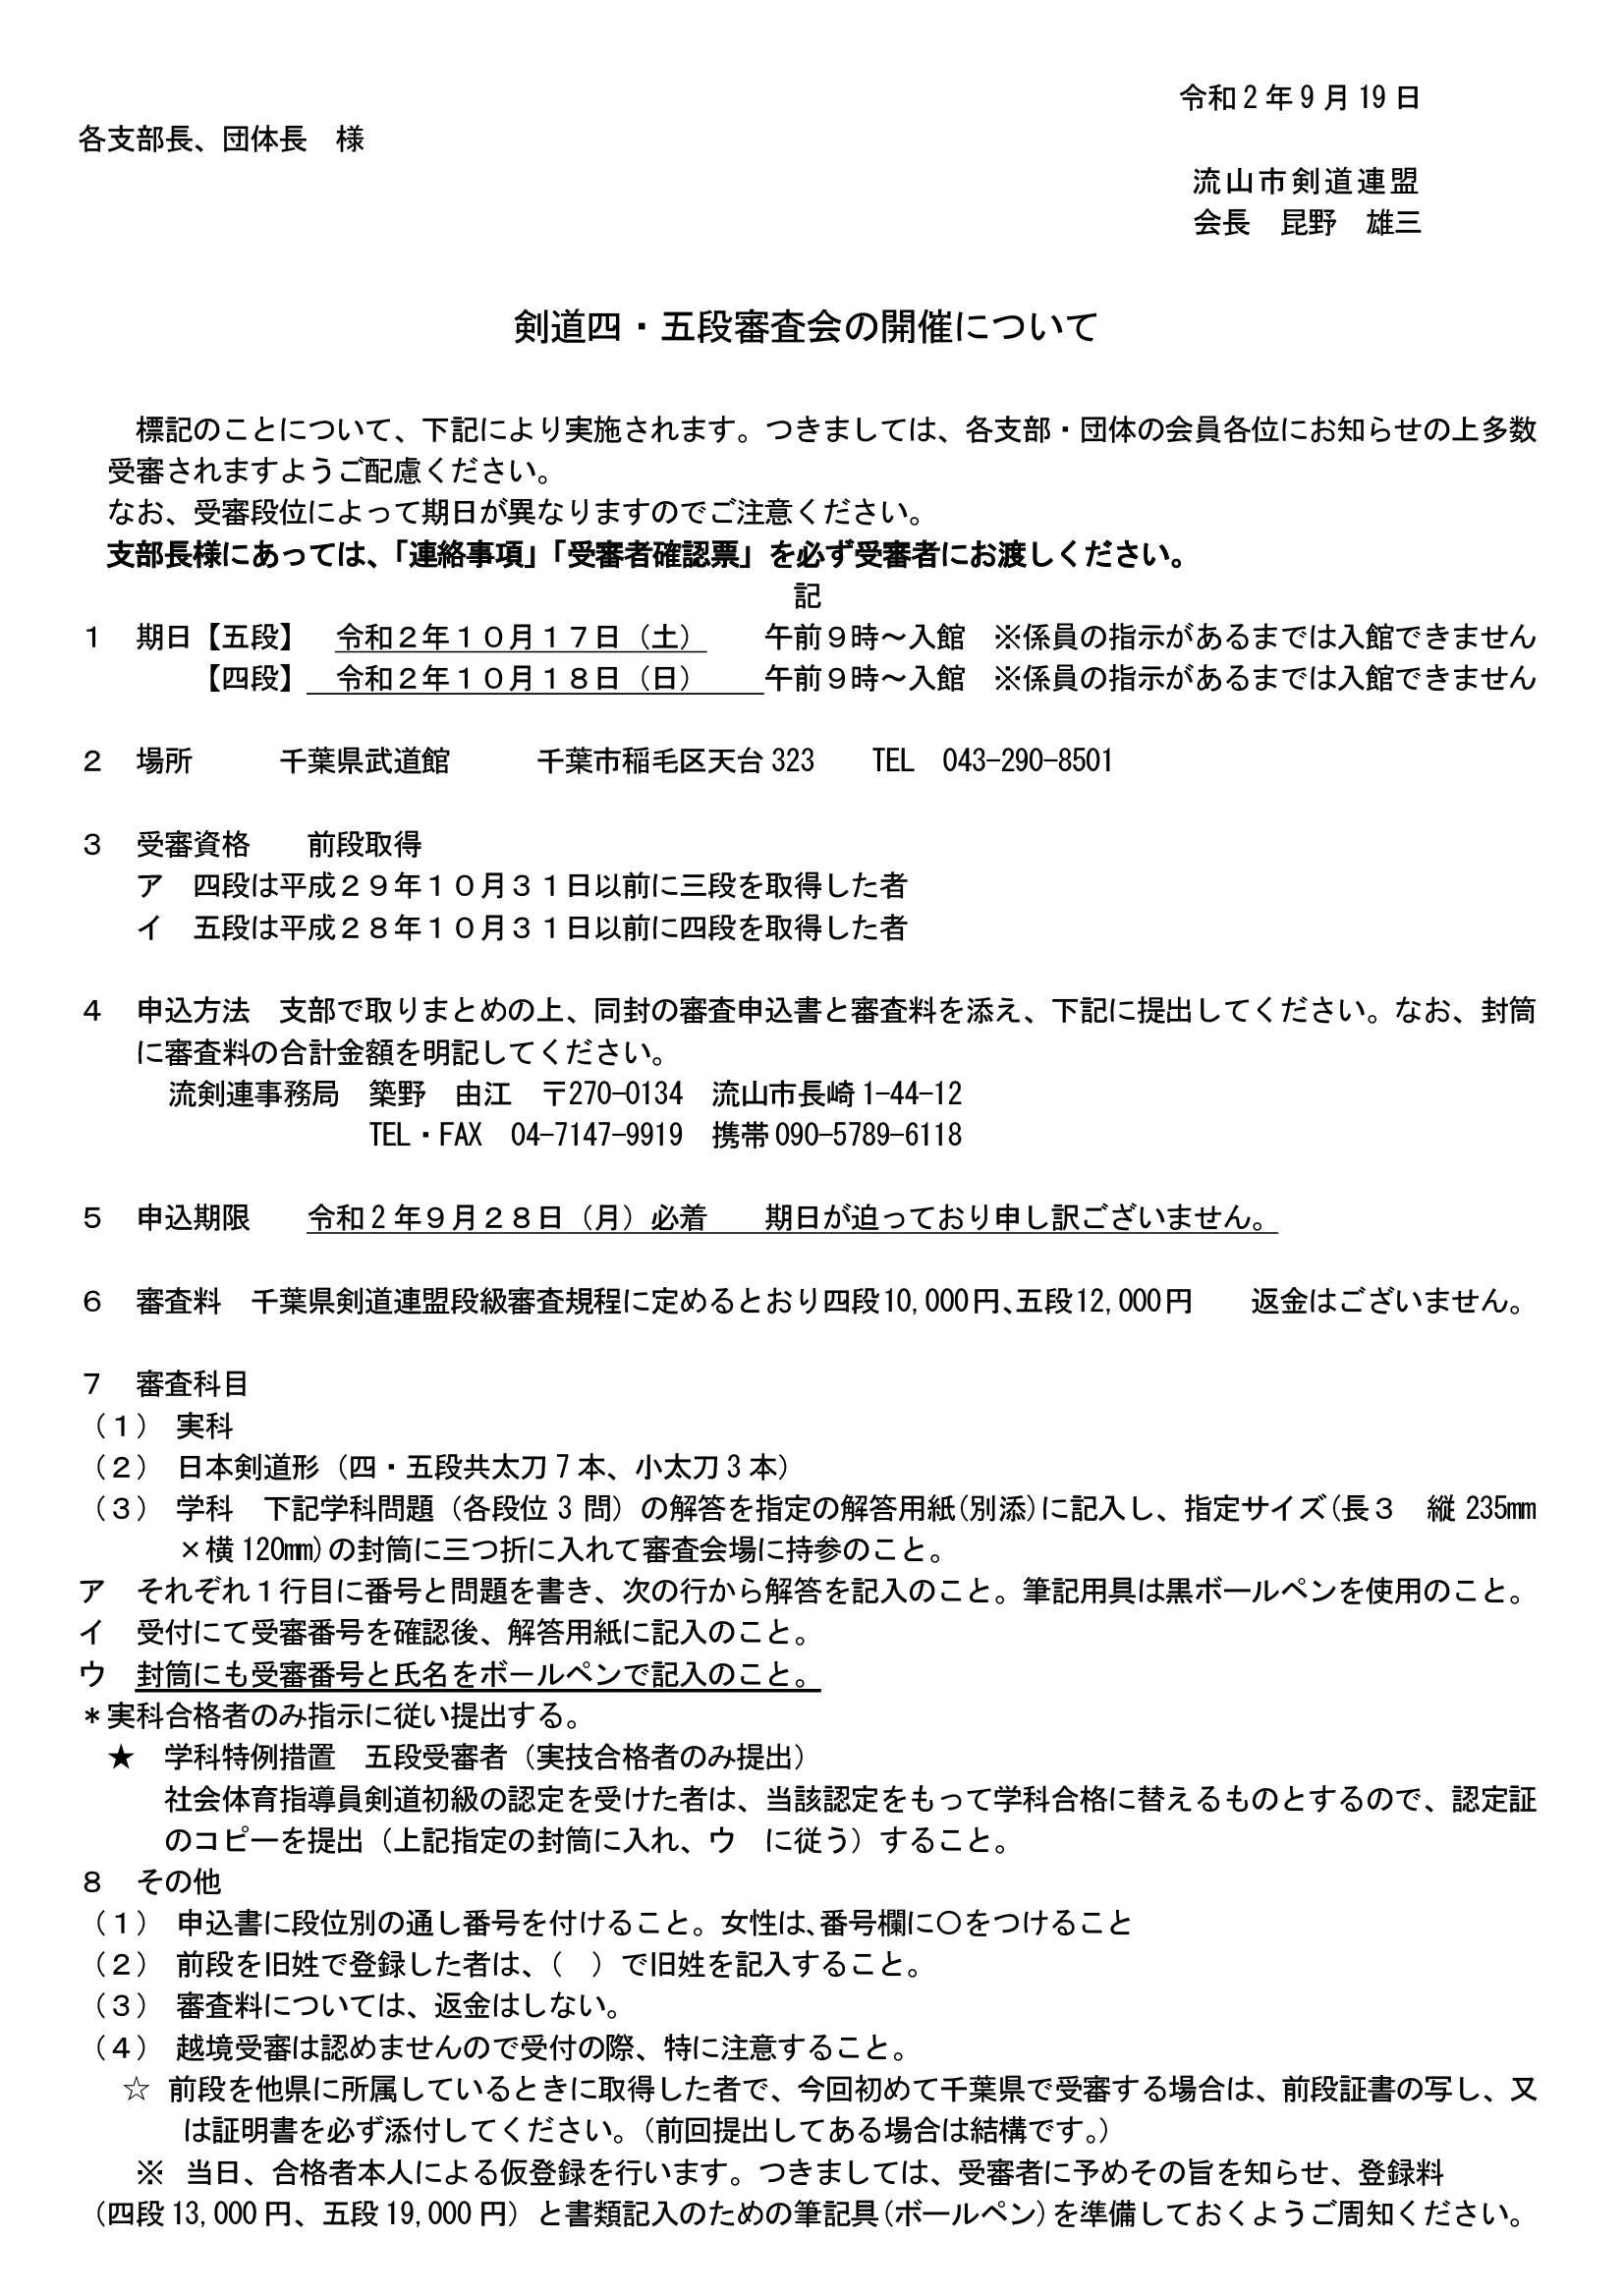 R2.10.17.18四五段審査会の開催について_0001